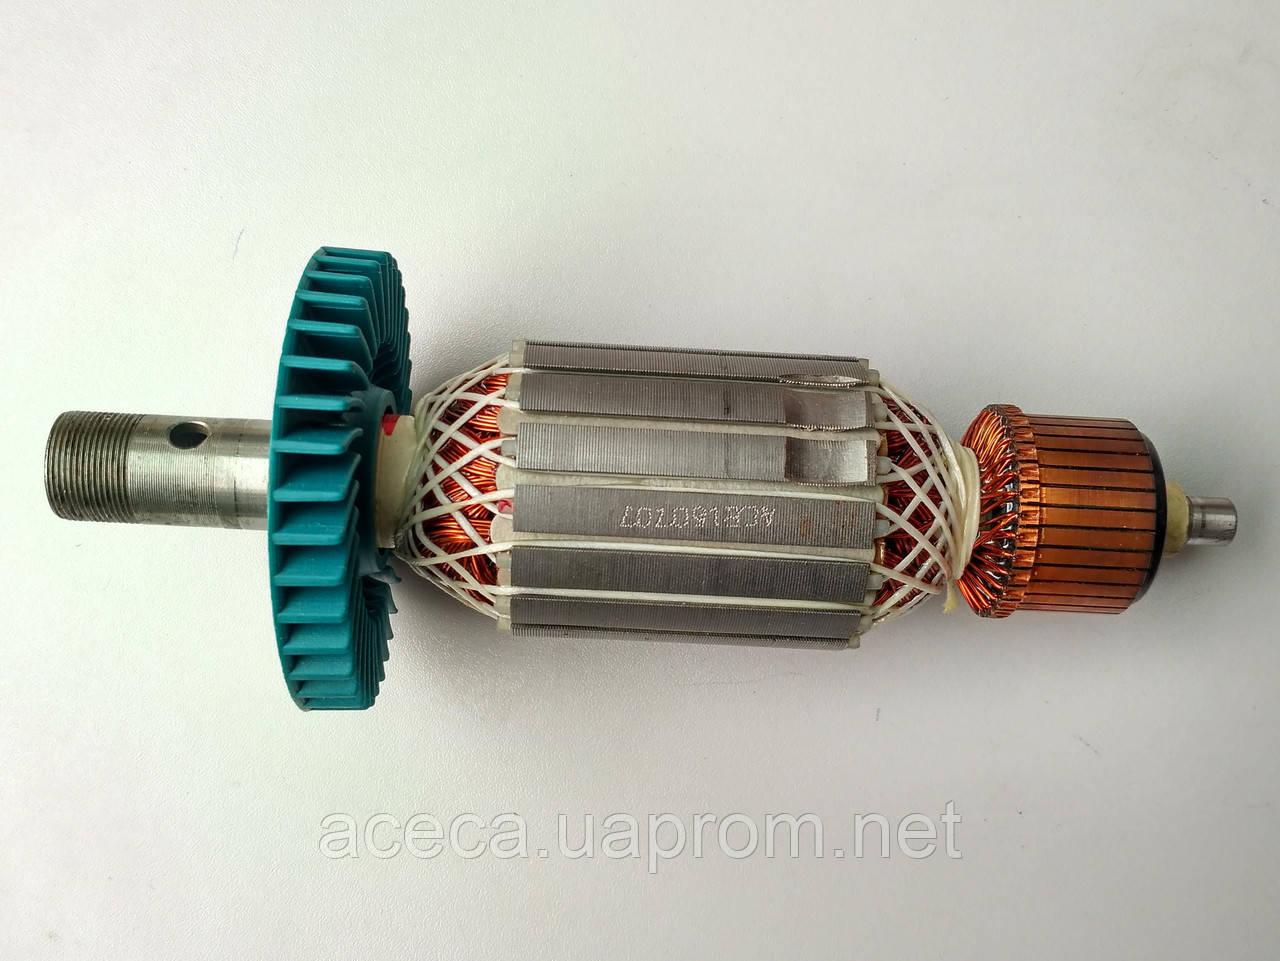 Якорь(ротор) для фрезерной машины МАКИТА 3612С 212*54/цанга 20